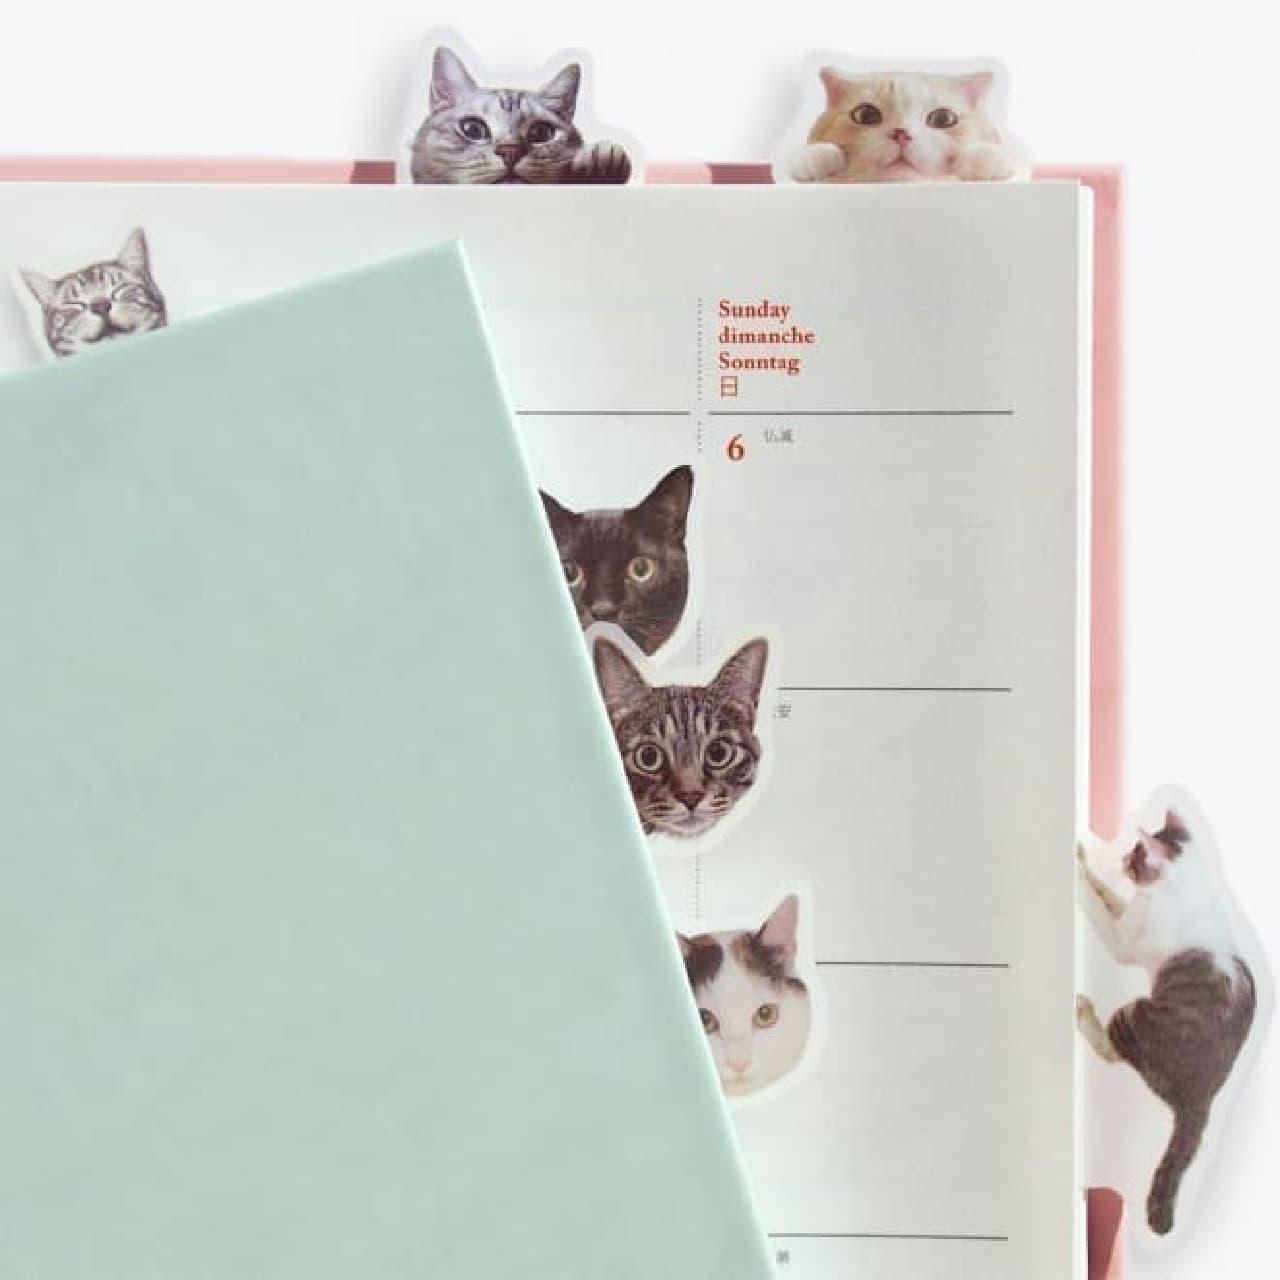 ネコのかわいらしさを付箋で表現した「ノートで遊ぶ 猫ふせん」